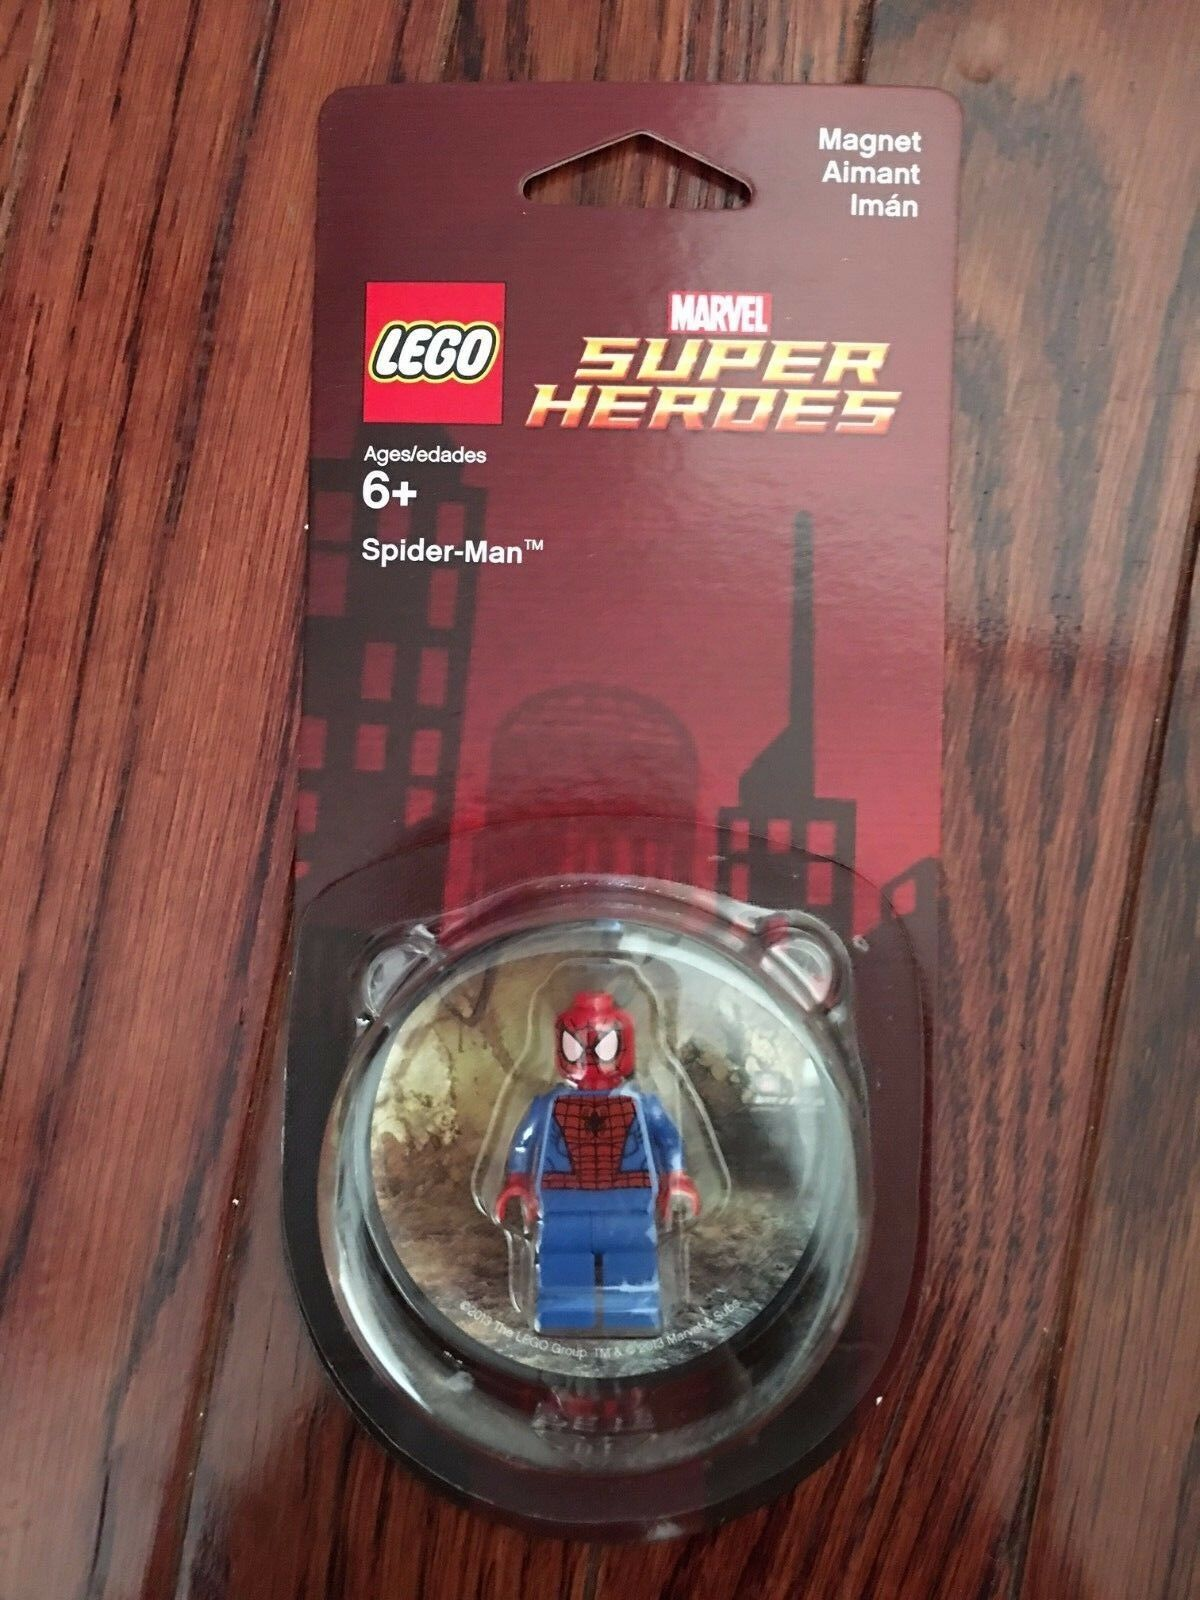 NEW Lego Marvel Super Heroes Spider-Man Magnet 850666 , SEALED